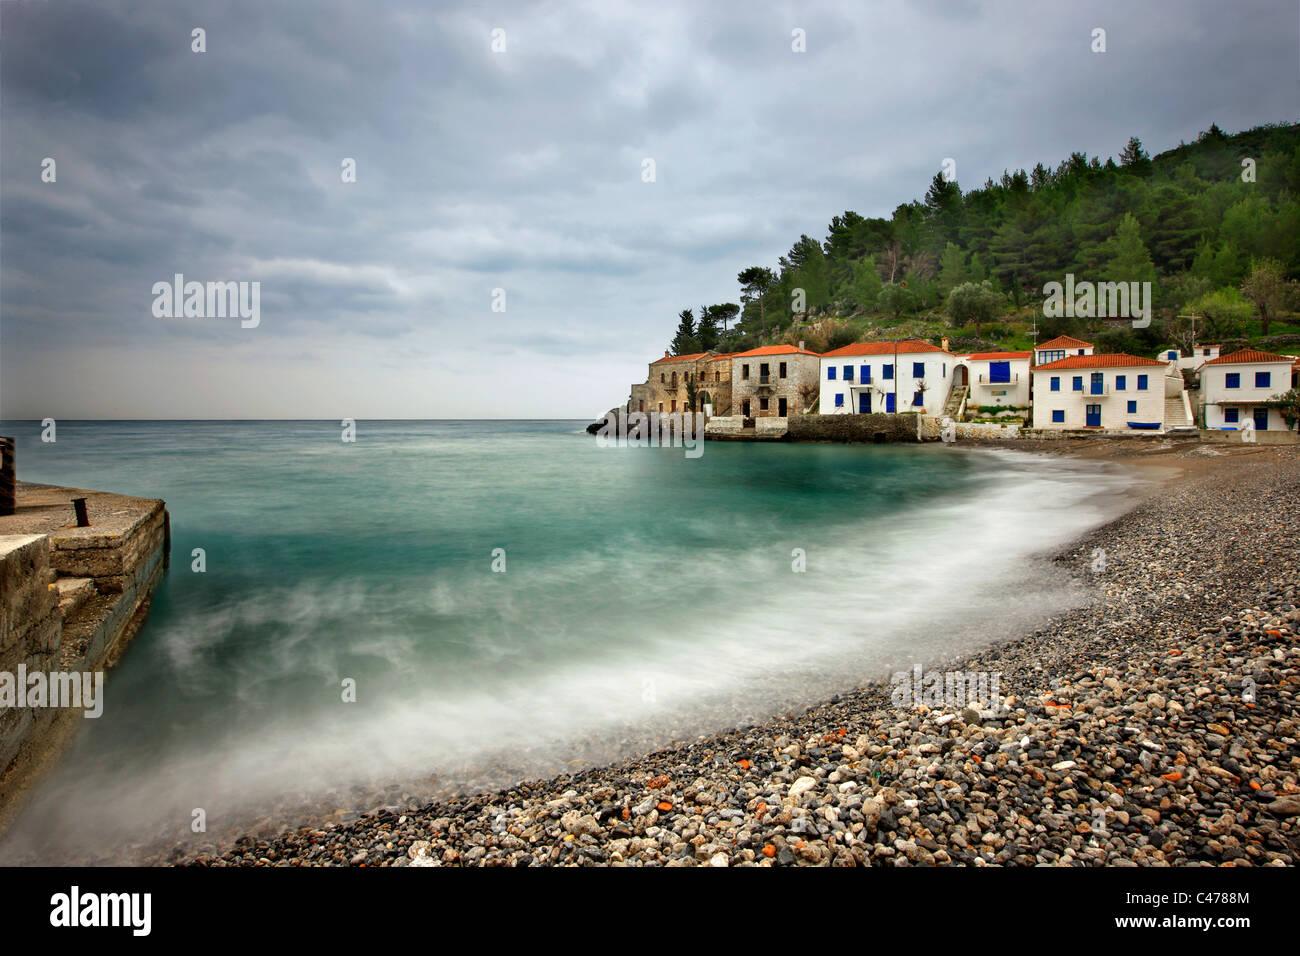 Kyparissi, un bellissimo villaggio sul mare con architettura tradizionale in Laconia prefettura, Peloponneso, Grecia Immagini Stock